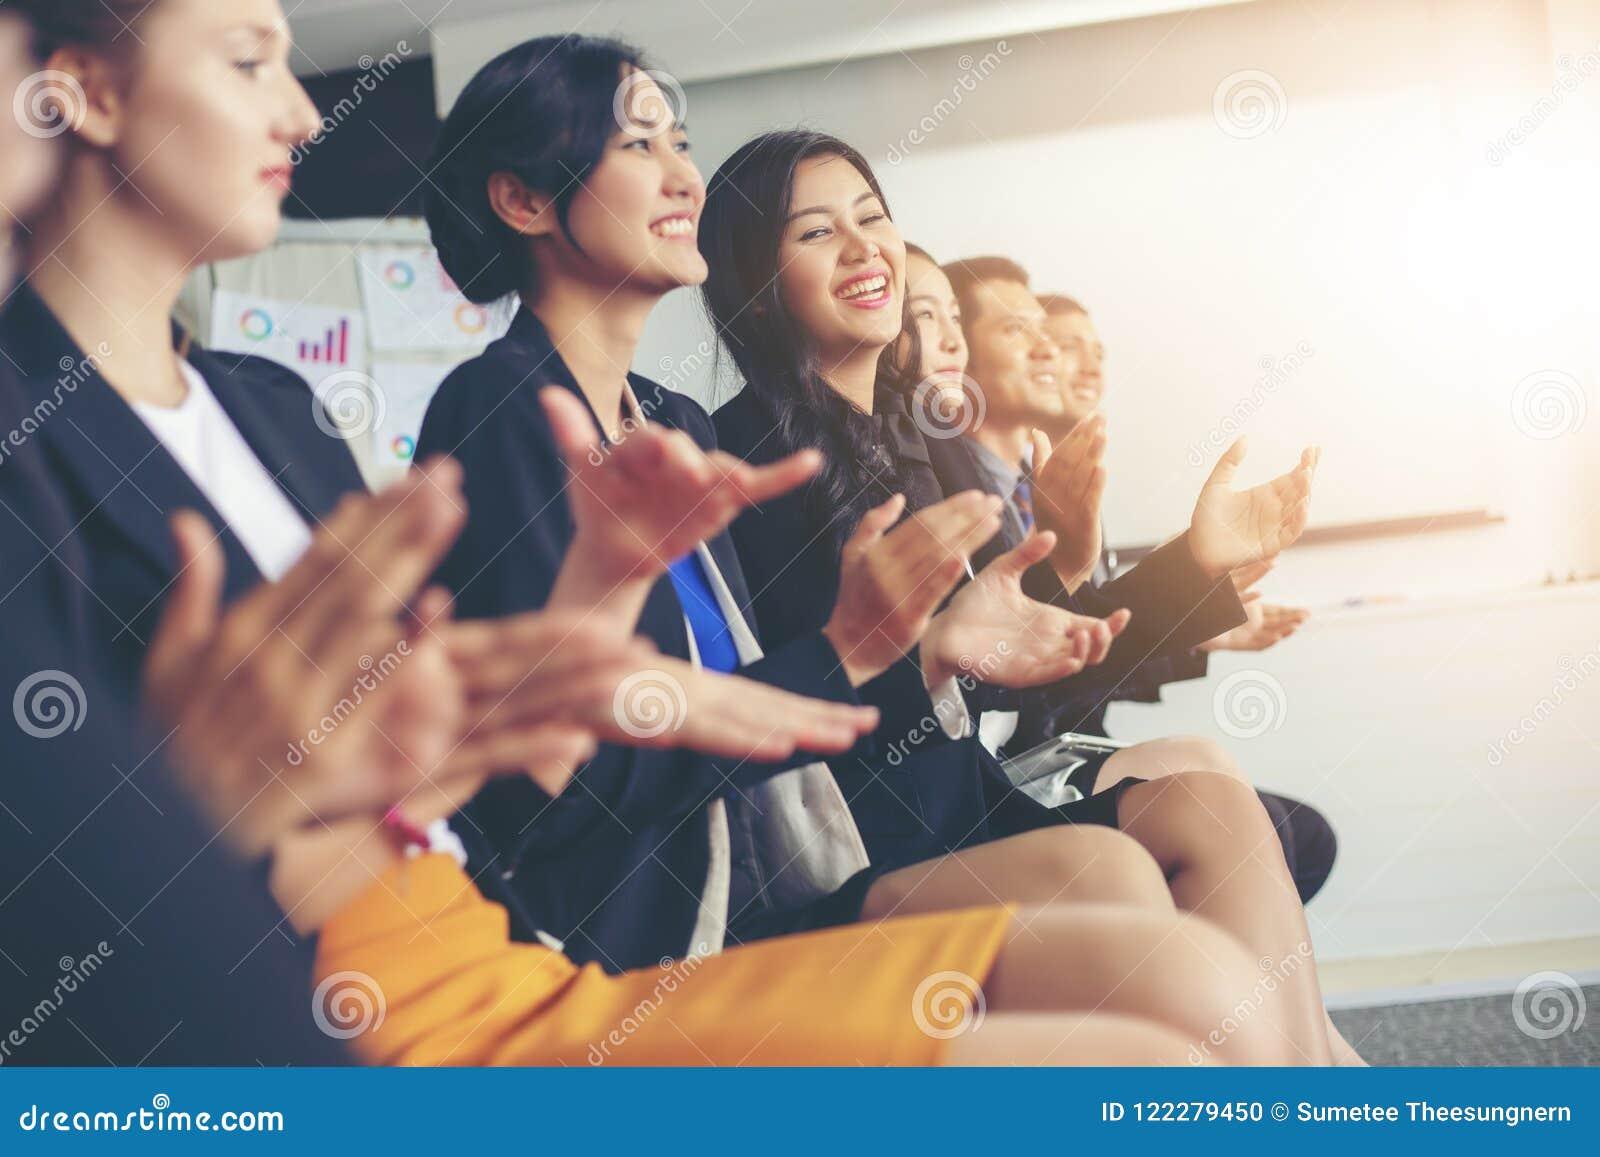 Cadres commerciaux applaudissant lors d une réunion d affaires